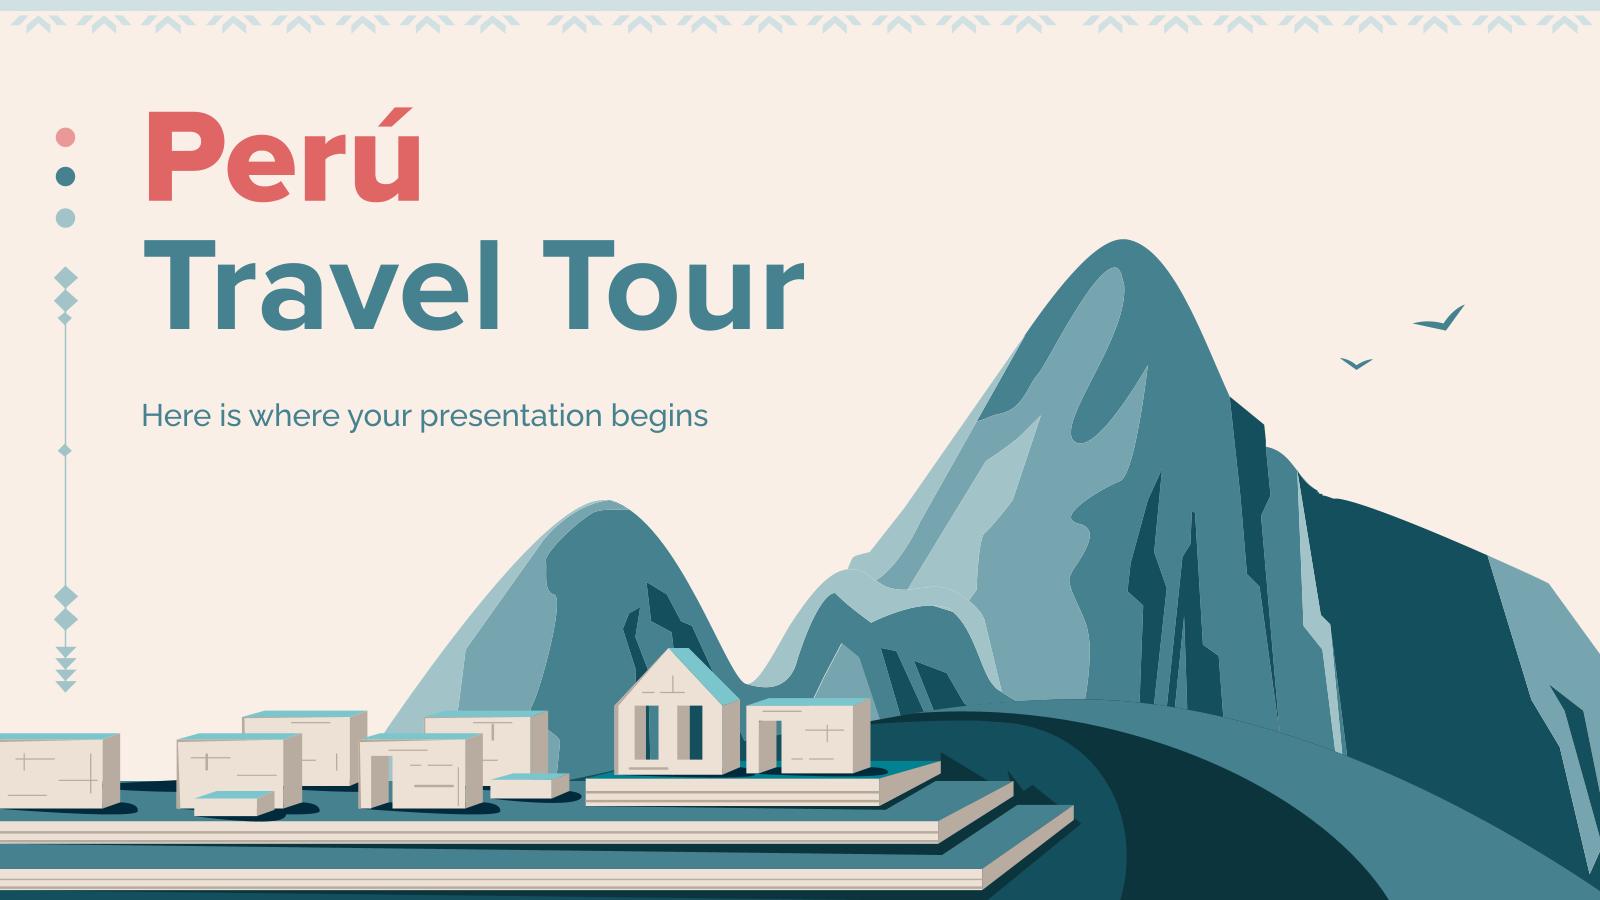 Modelo de apresentação Guia de viagem: Peru